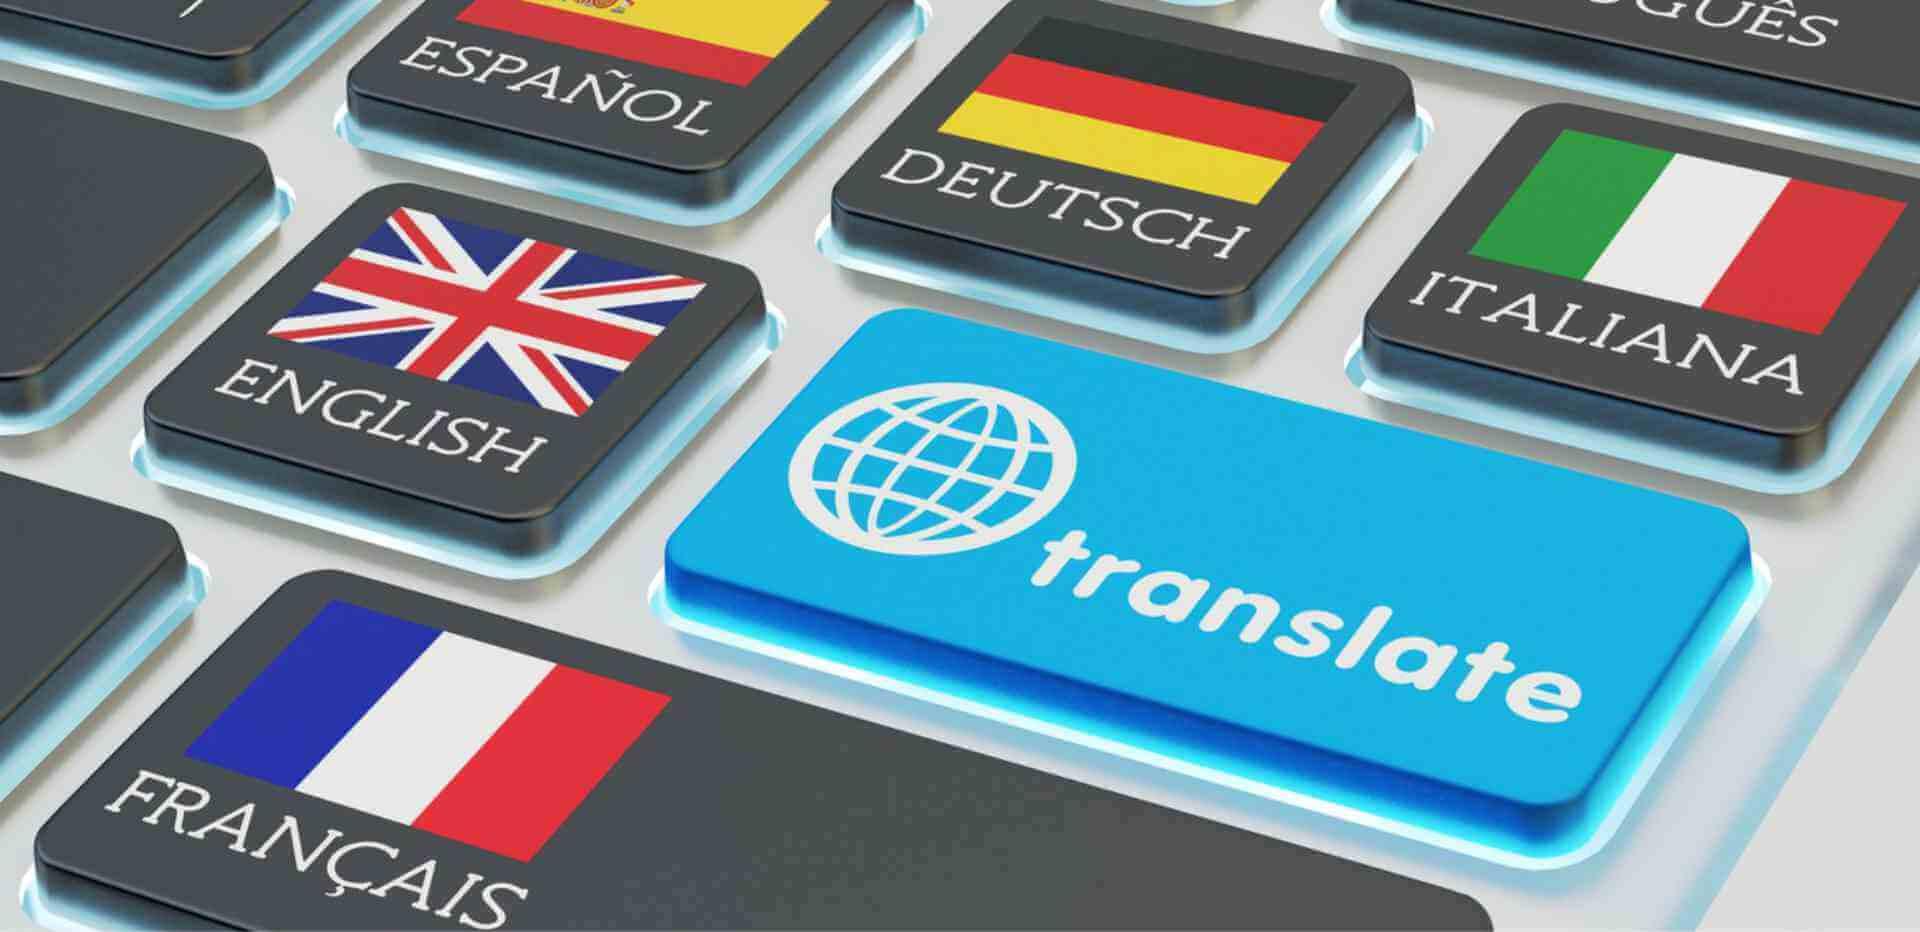 oferecer Prestacao de Serviços Pela Internet como tradutor